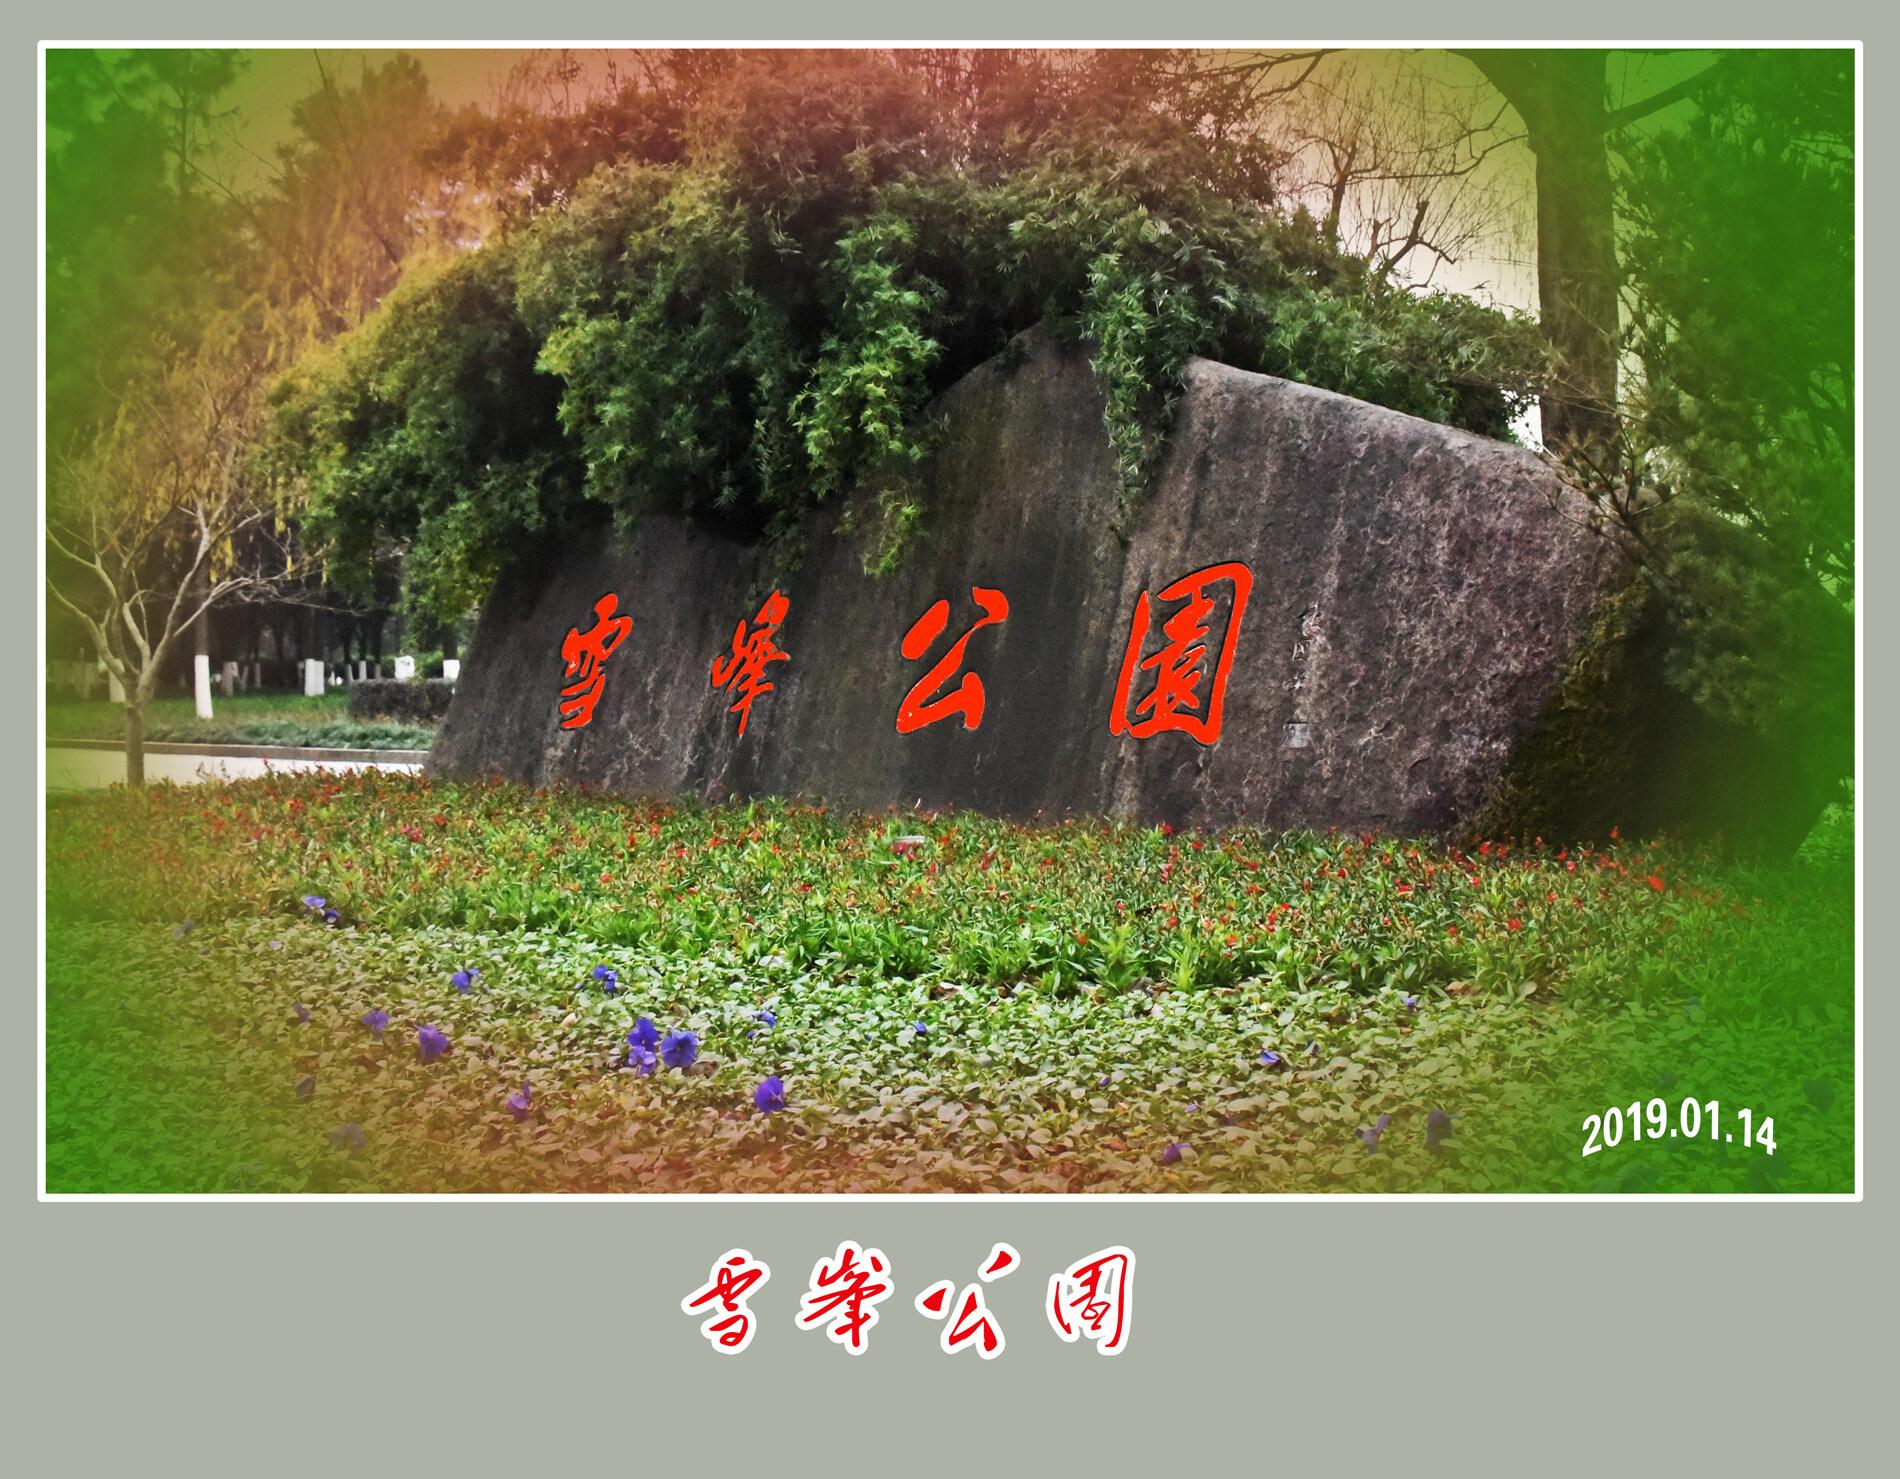 DSC_8069雪峰公园.jpg 2.jpg